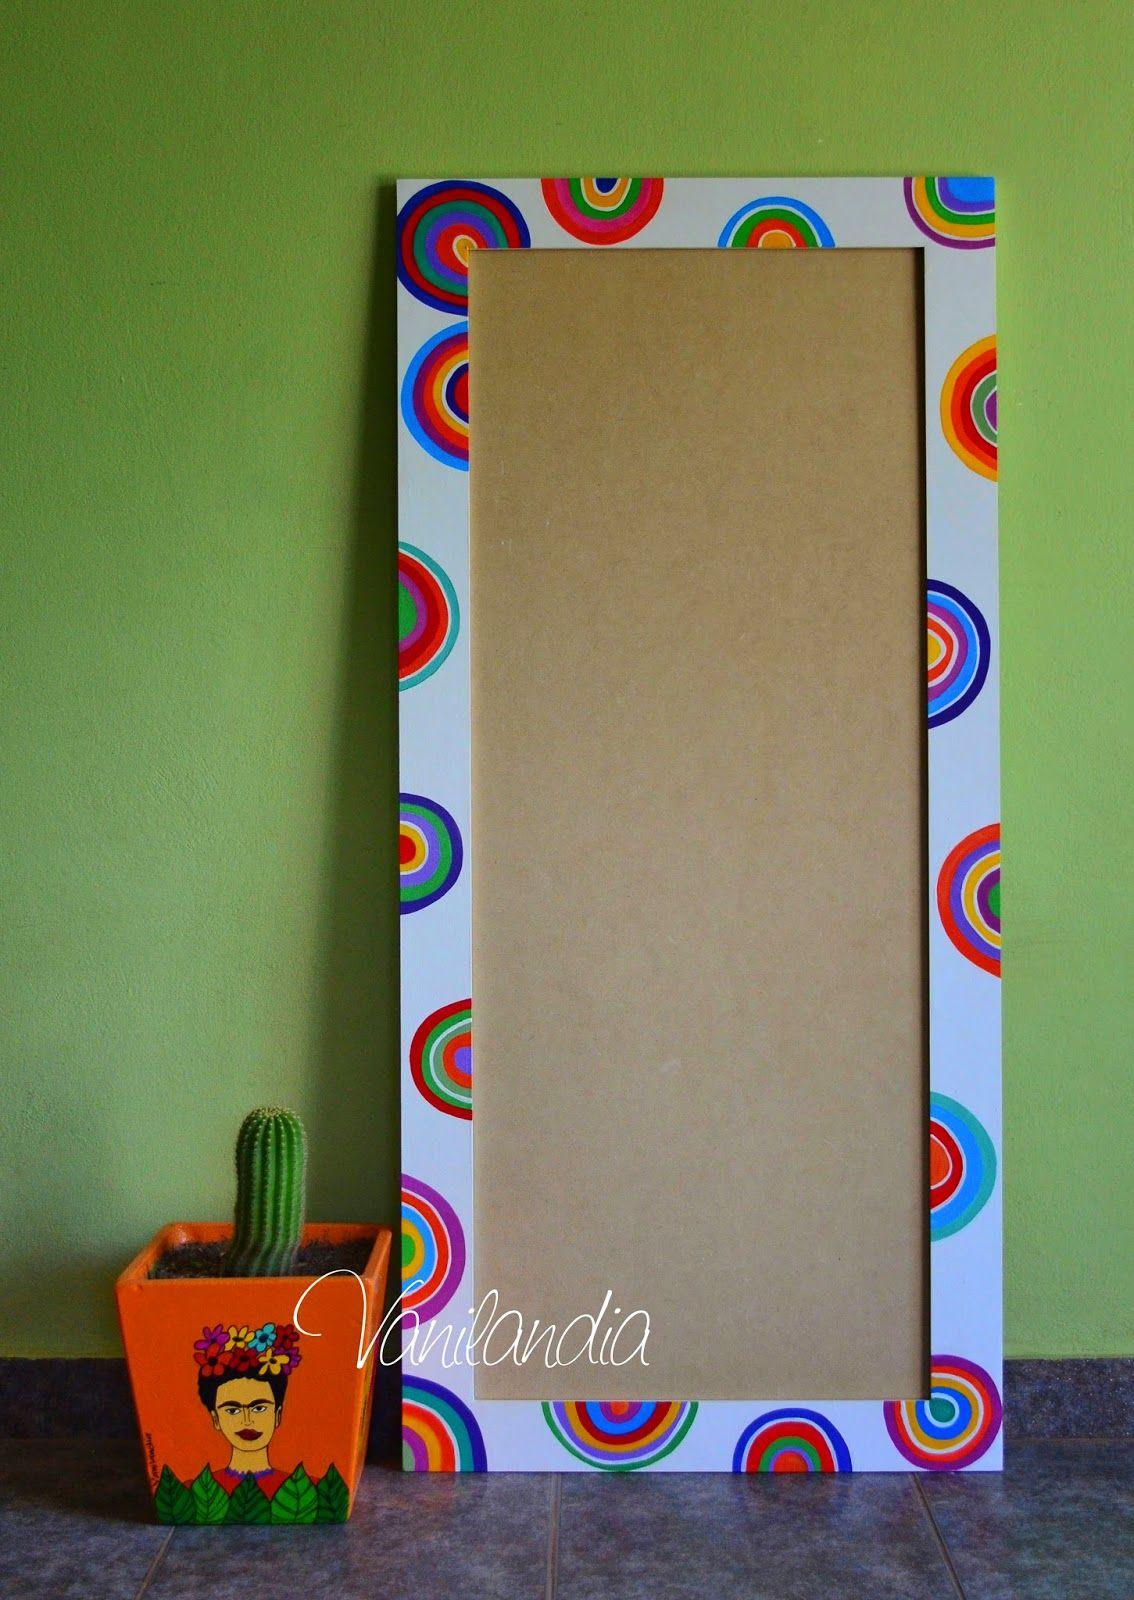 Vanilandia - Marco pintado para espejo | Objetos pintados y ...